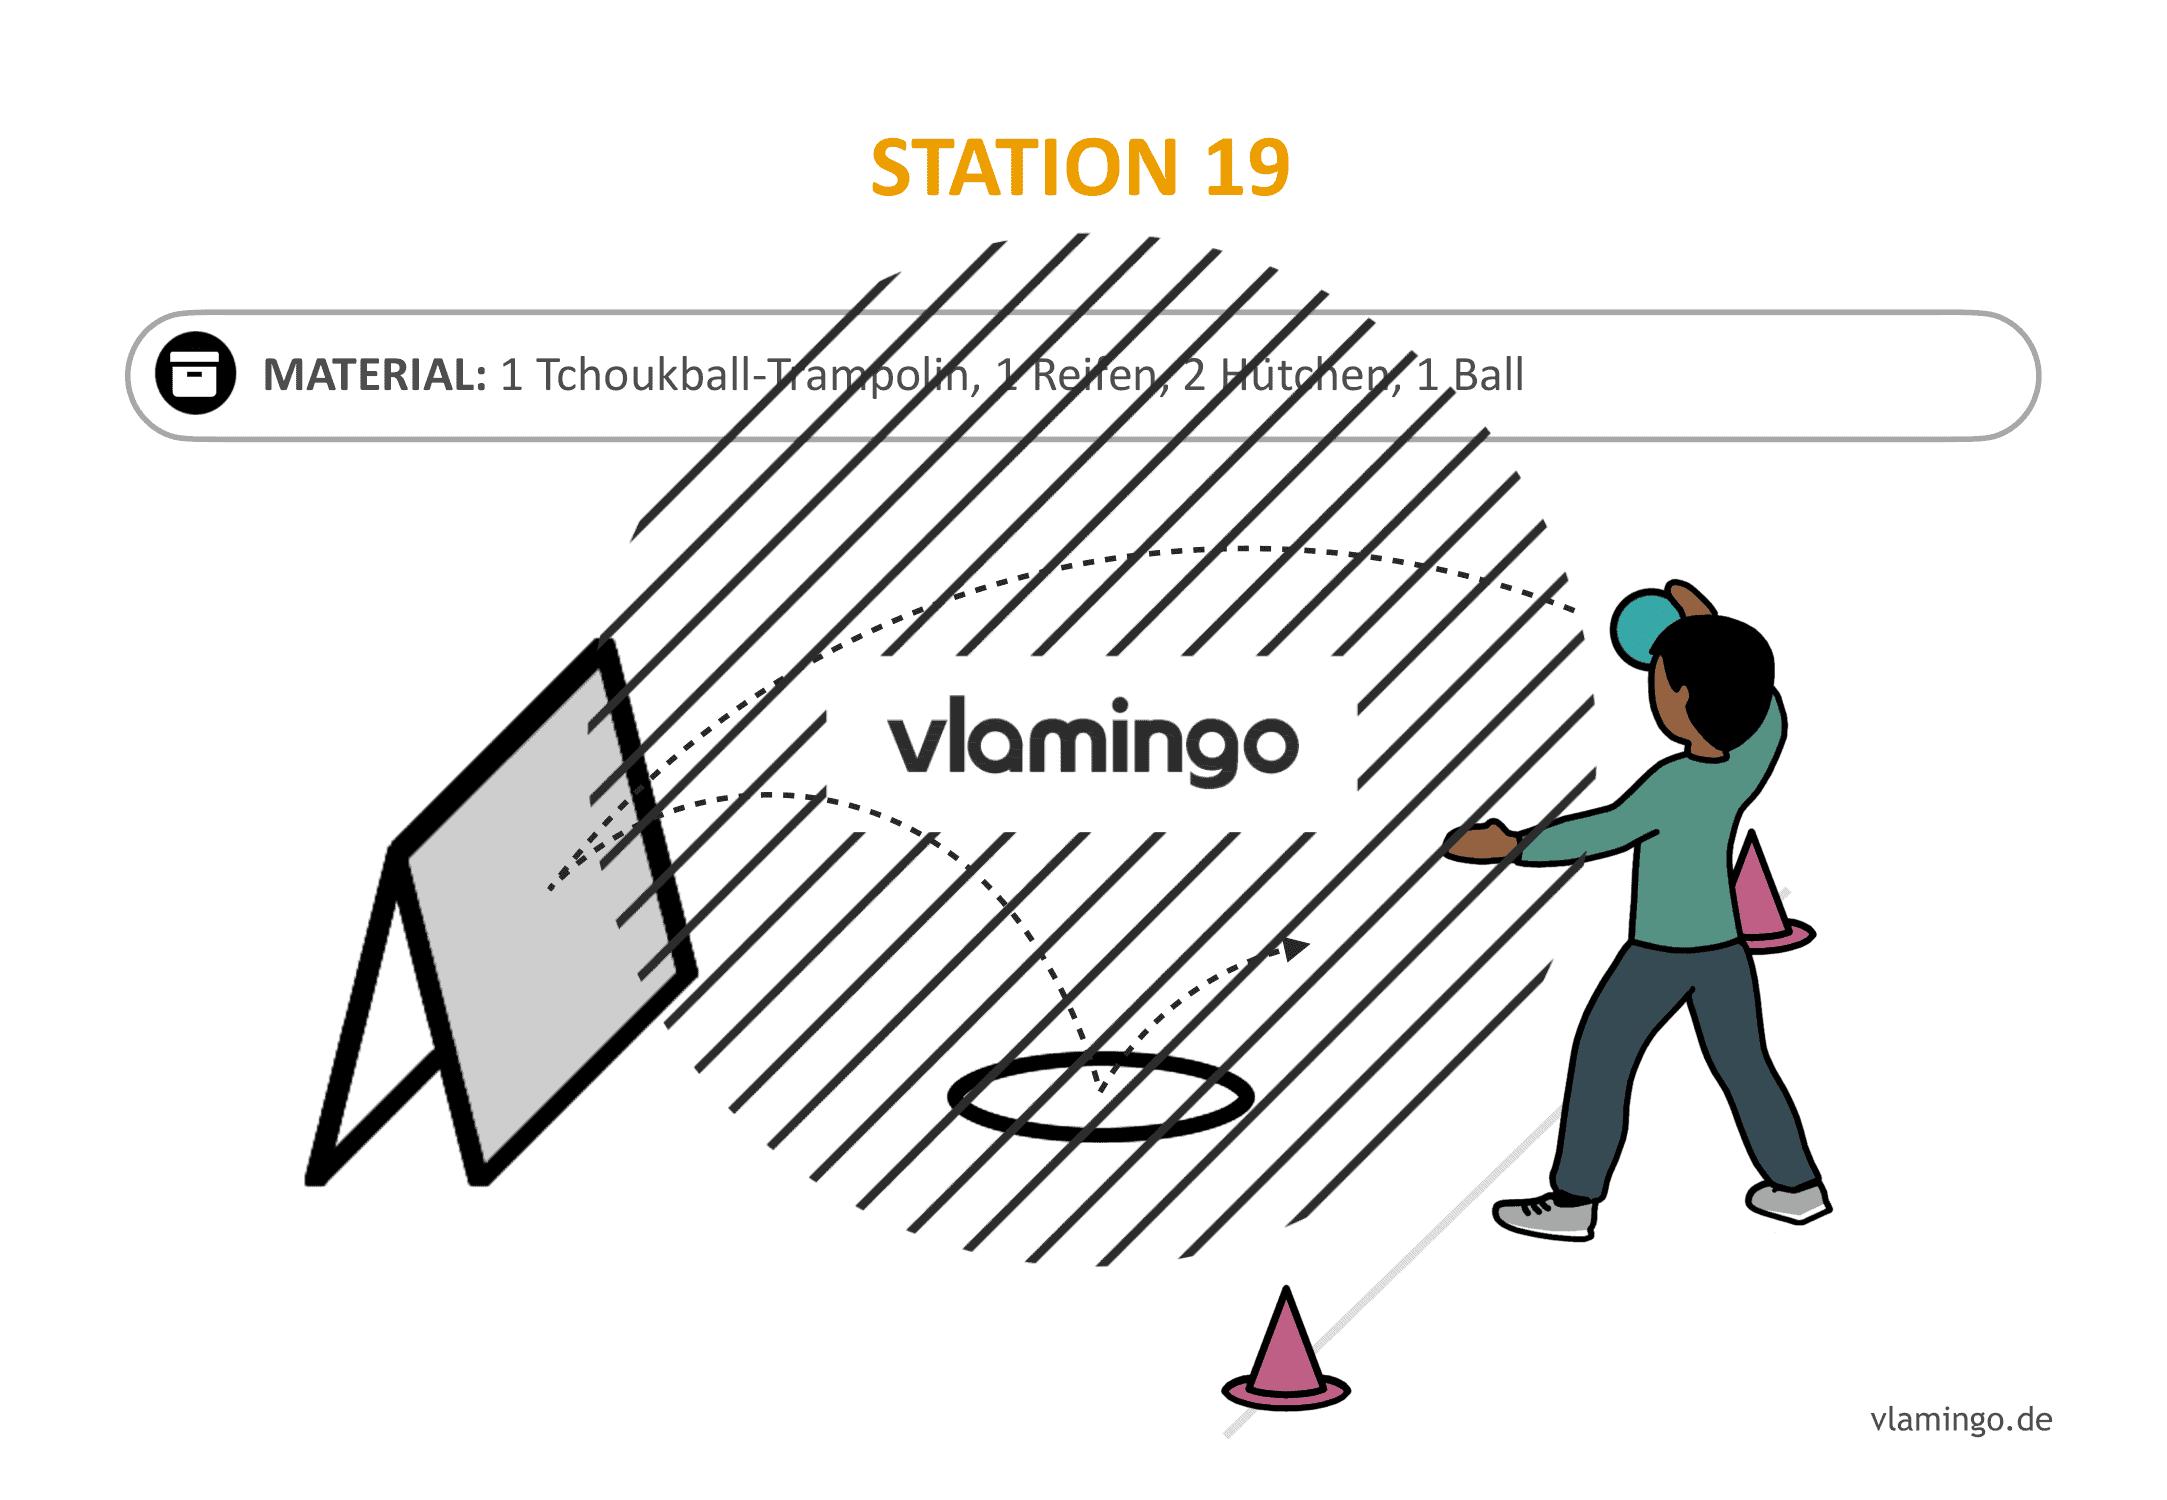 Handballgolf - Station-19